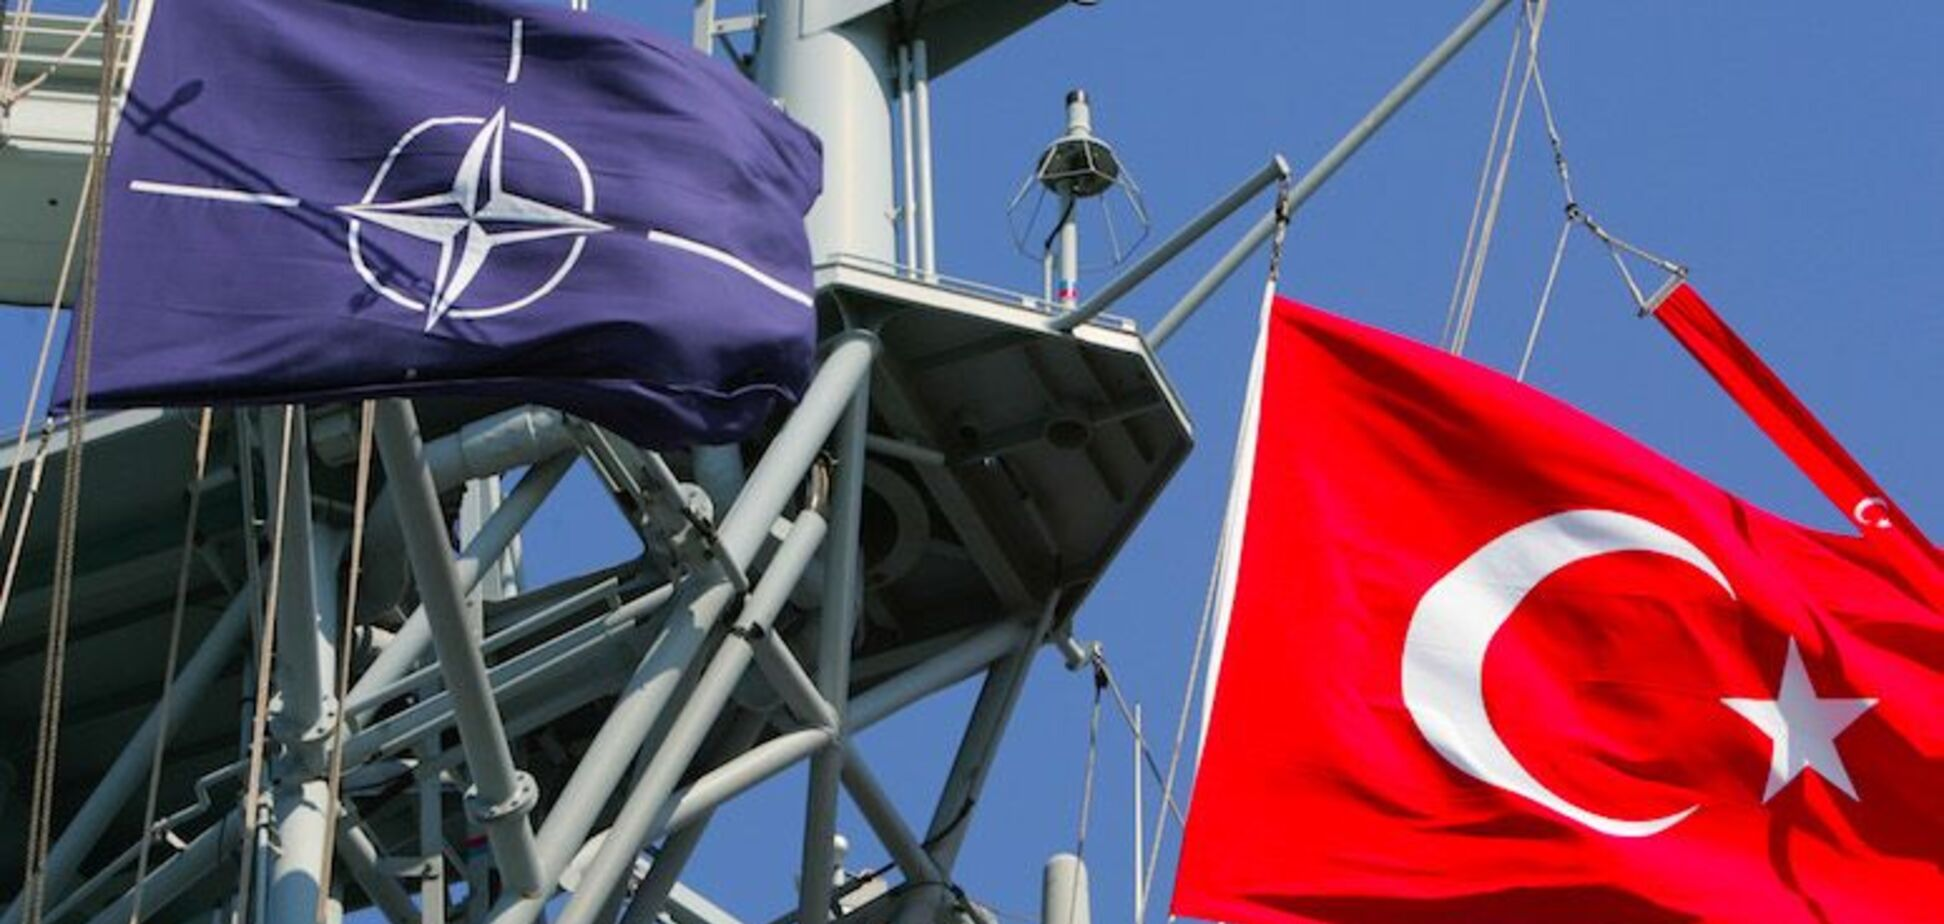 Виключення Туреччини з НАТО: що кажуть у Вашингтоні